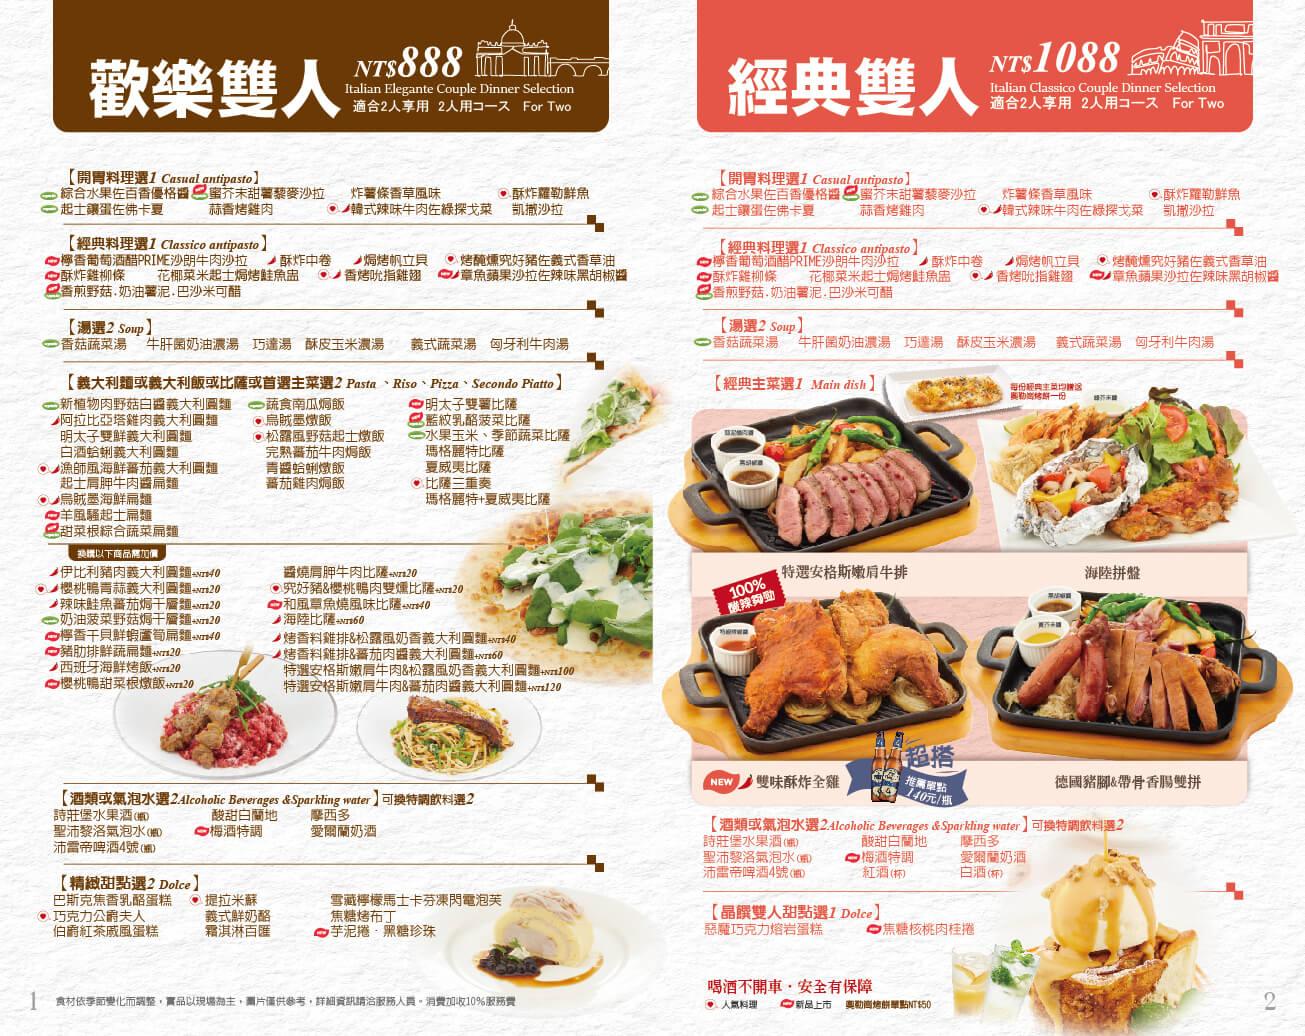 Cafe Grazie義式屋古拉爵菜單MENU